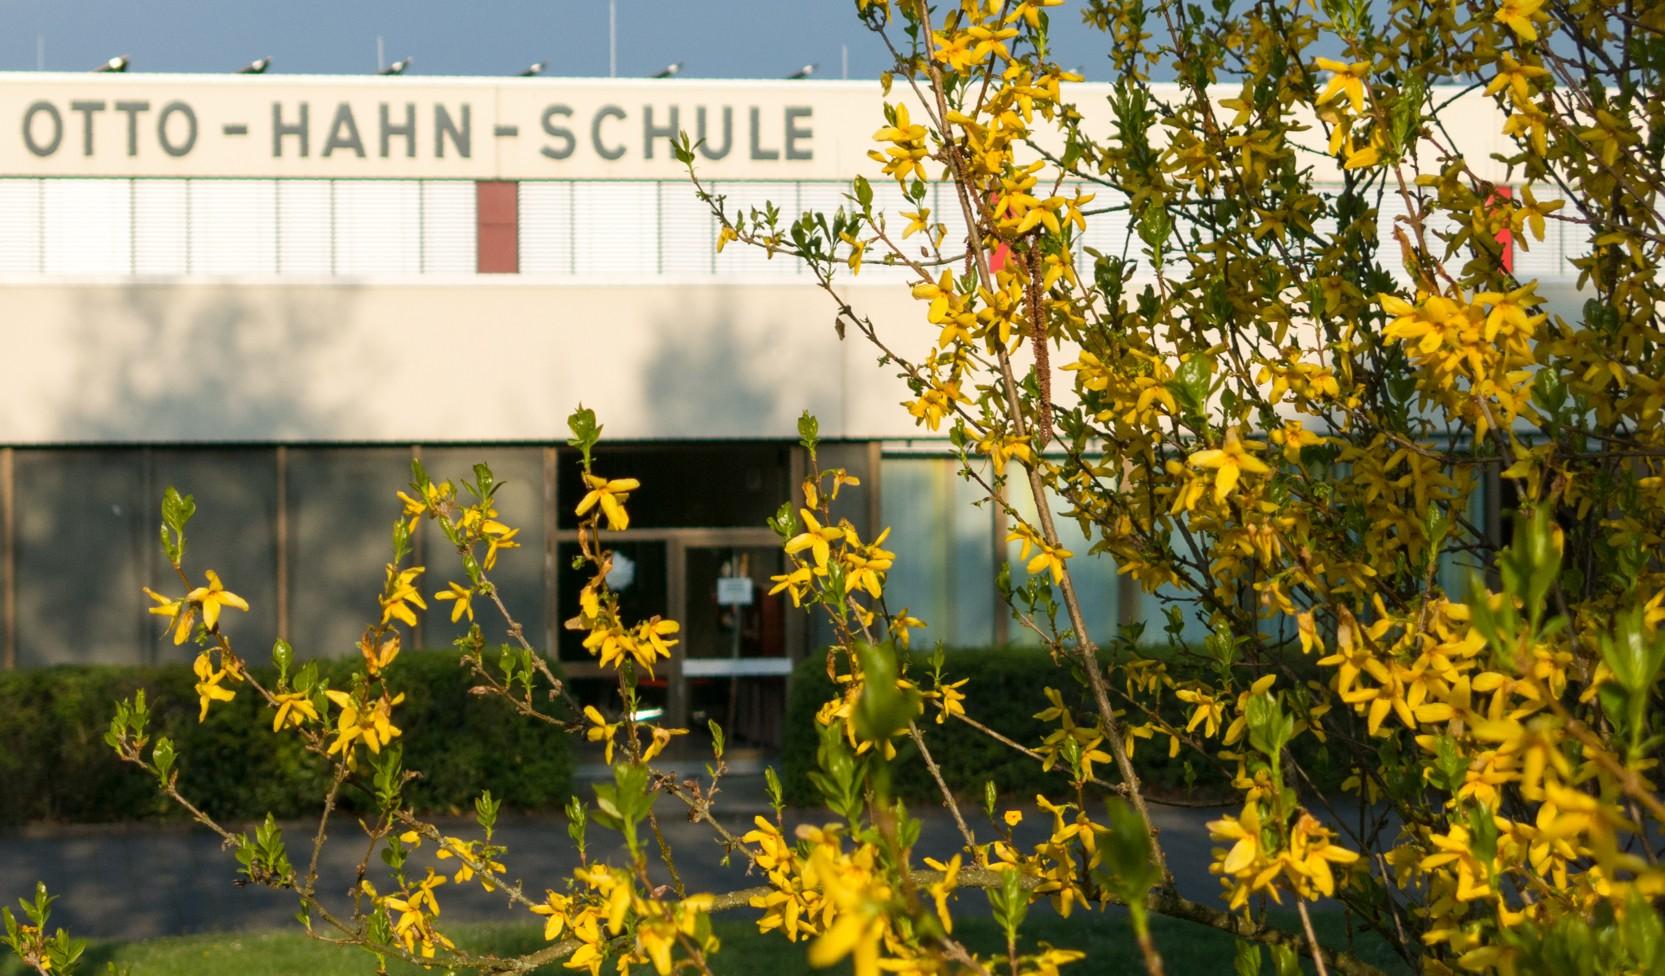 160419Schule4 Restaurant Berufsausbildung Dortmund